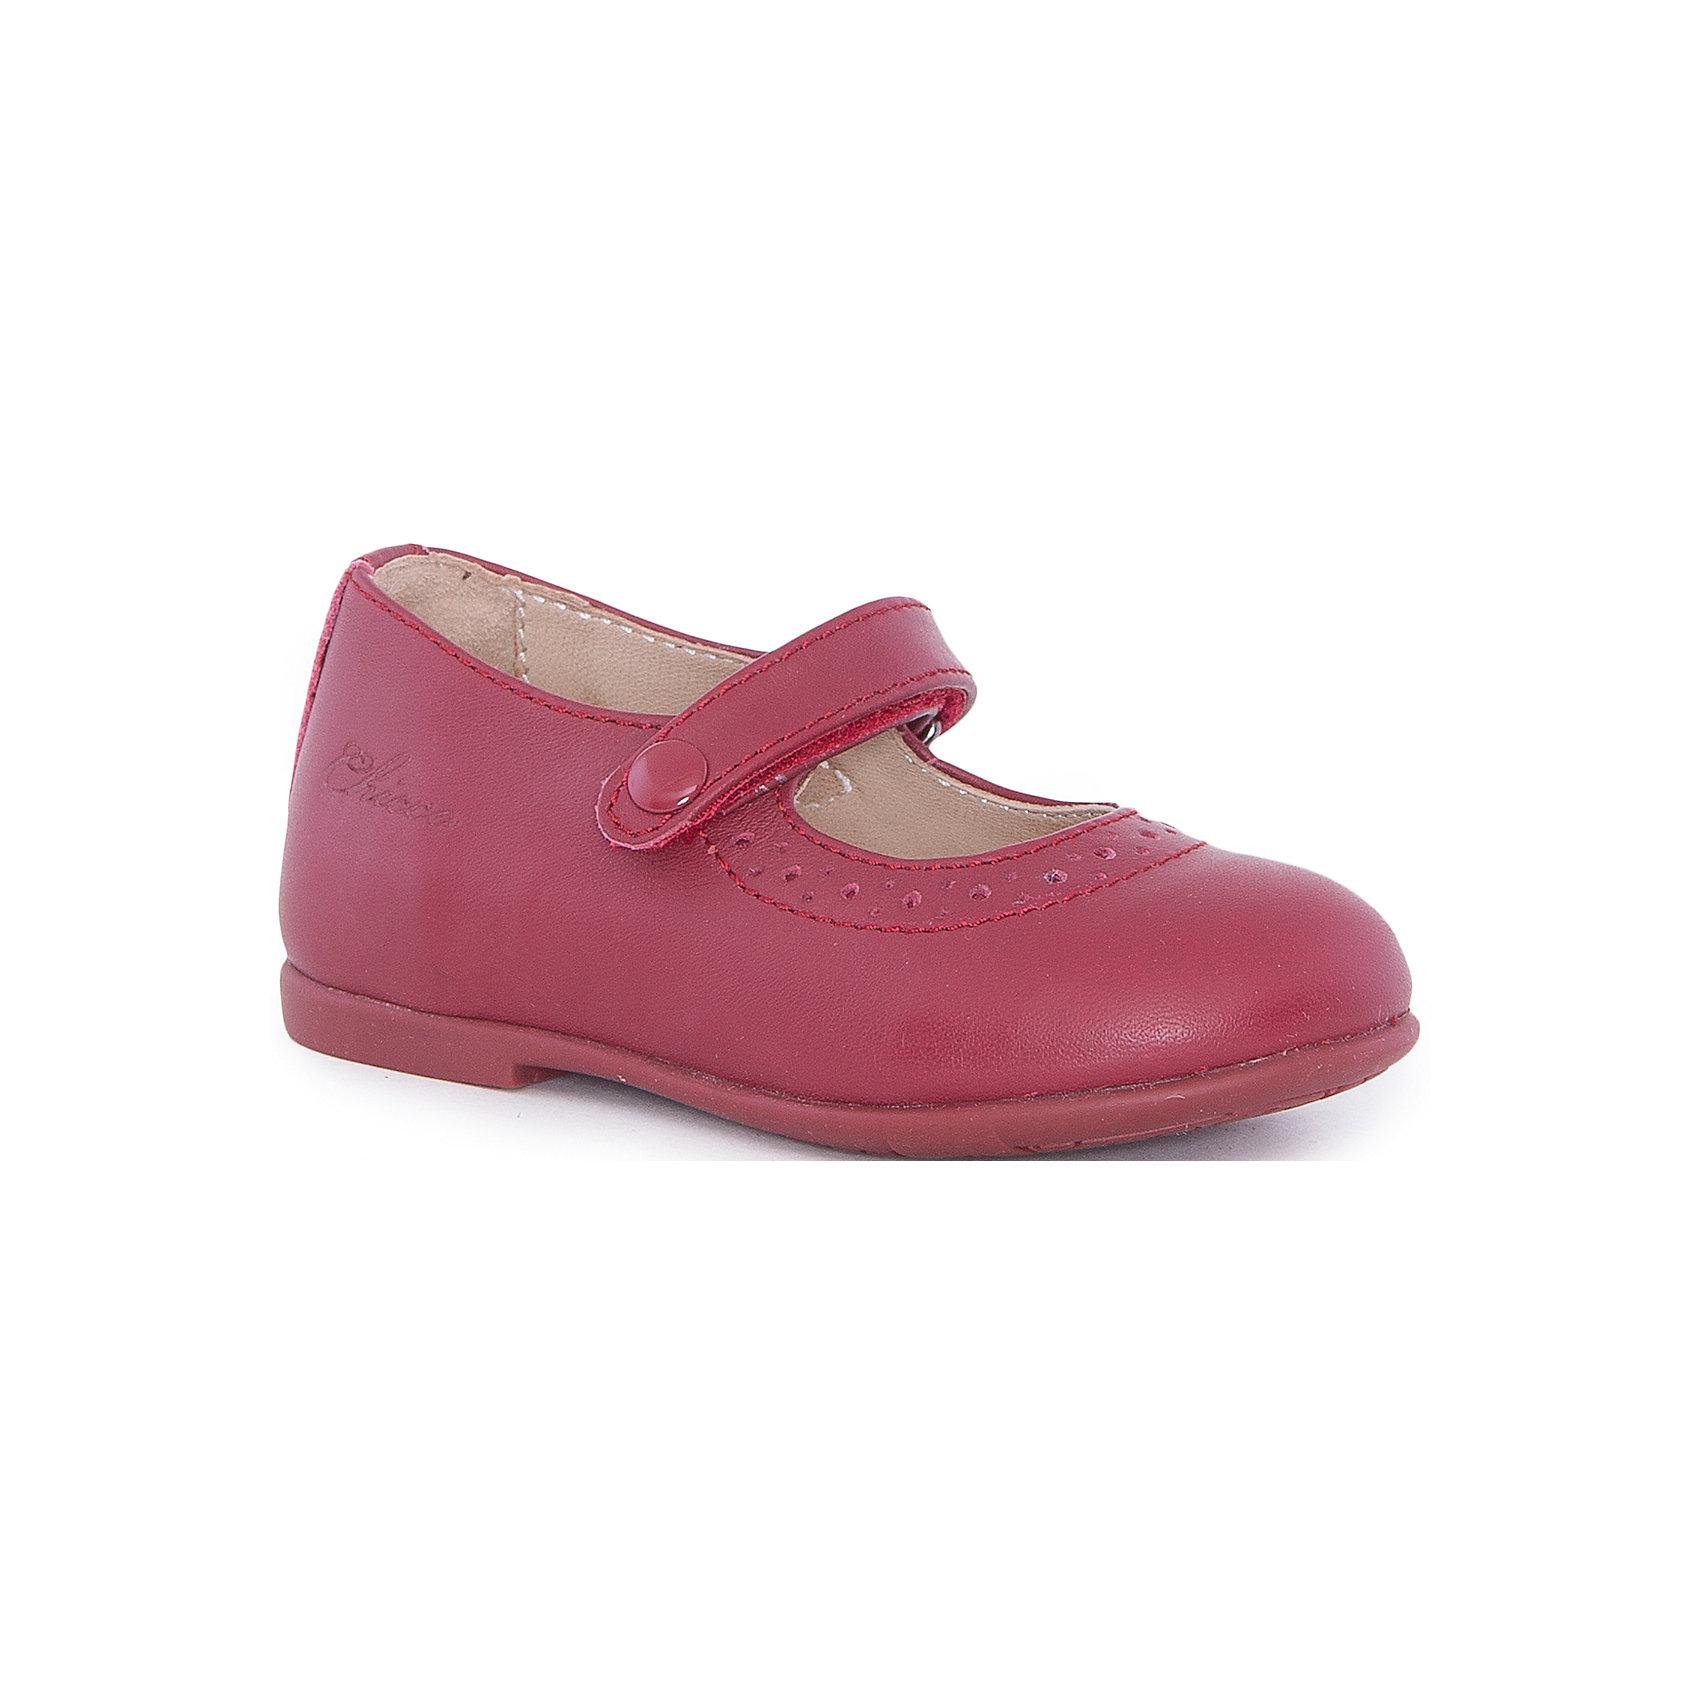 Балетки для девочки CHICCOБалетки для девочки CHICCO<br><br>Характеристики:<br><br>Тип застежки: на липучке<br>Тип обуви: школьные<br>Особенности обуви: маленький каблучок<br>Декоративные элементы: пуговица на застежке, имитация<br>Цвет: бордовый<br><br>Внешний материал: 100% кожа<br>Внутренний материал: 100% кожа<br><br>Балетки для девочки CHICCO можно купить в нашем интернет-магазине.<br><br>Ширина мм: 227<br>Глубина мм: 145<br>Высота мм: 124<br>Вес г: 325<br>Цвет: бордовый<br>Возраст от месяцев: 24<br>Возраст до месяцев: 36<br>Пол: Женский<br>Возраст: Детский<br>Размер: 26,28,29,30,31,32,33,34,27,22,23,24,25<br>SKU: 5082807